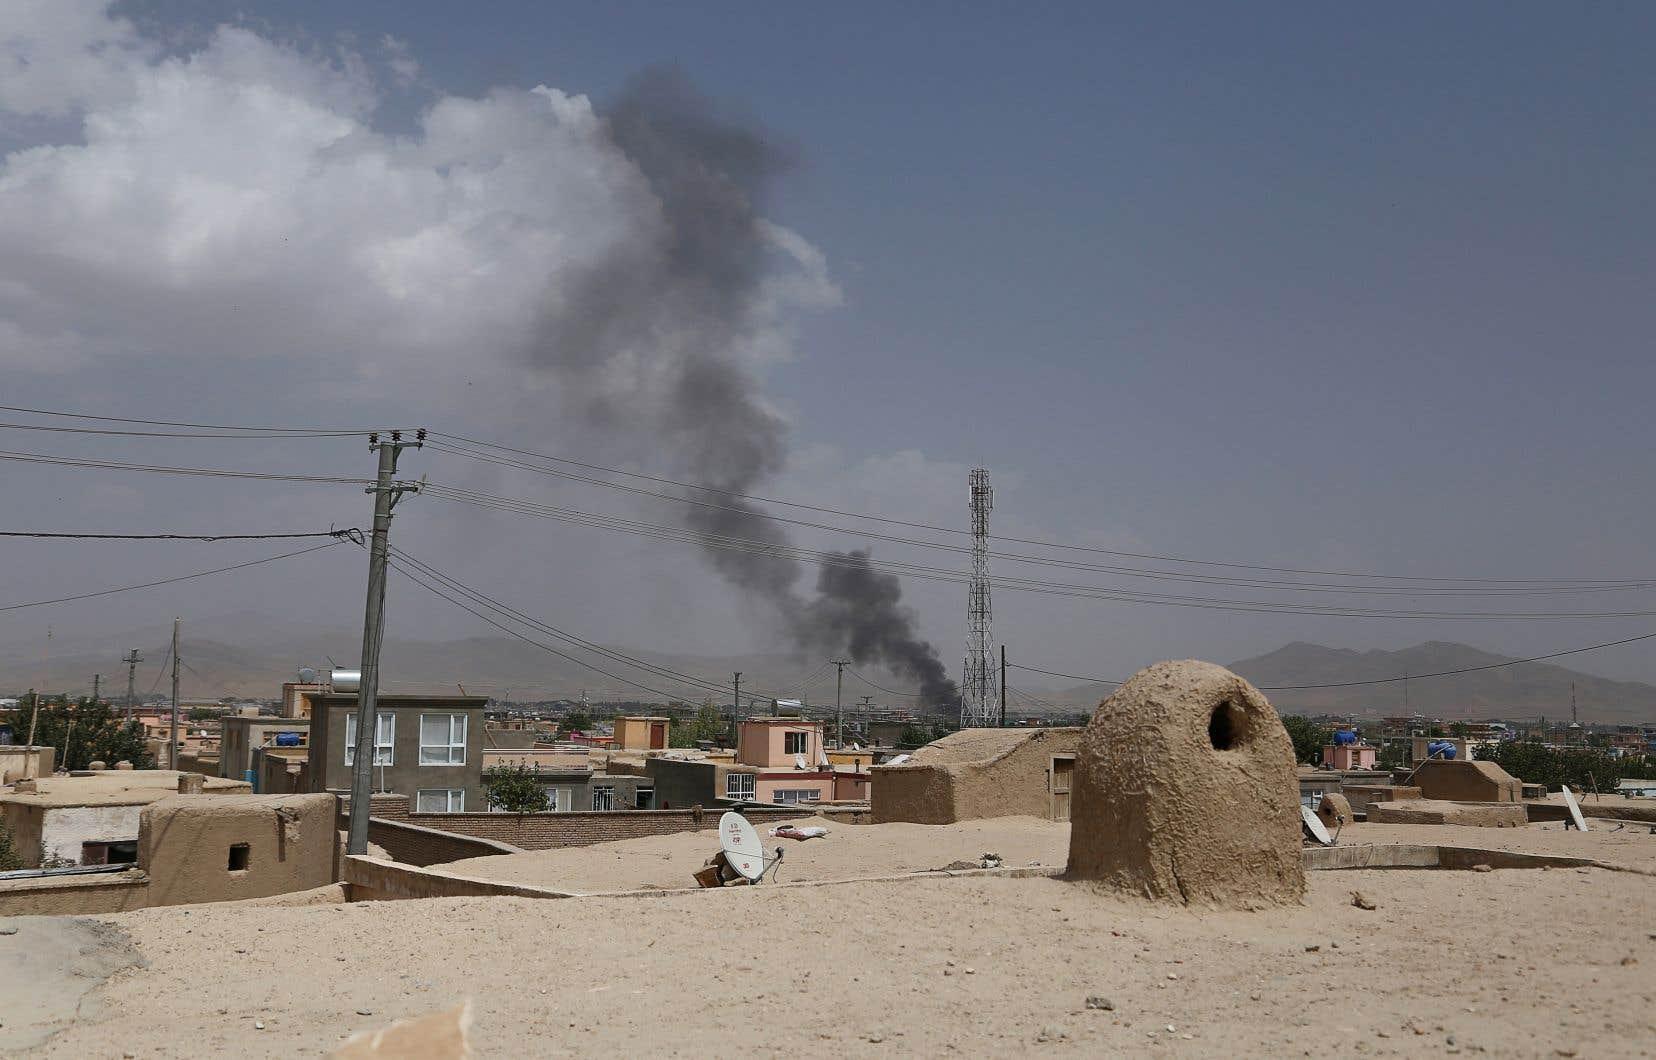 Samedi, le gouvernement s'était montré confiant en affirmant avoir repris «le contrôle» de Ghazni, ville de 280000 habitants à deux heures au sud de la capitale, sur l'axe principal reliant Kandahar à Kaboul.